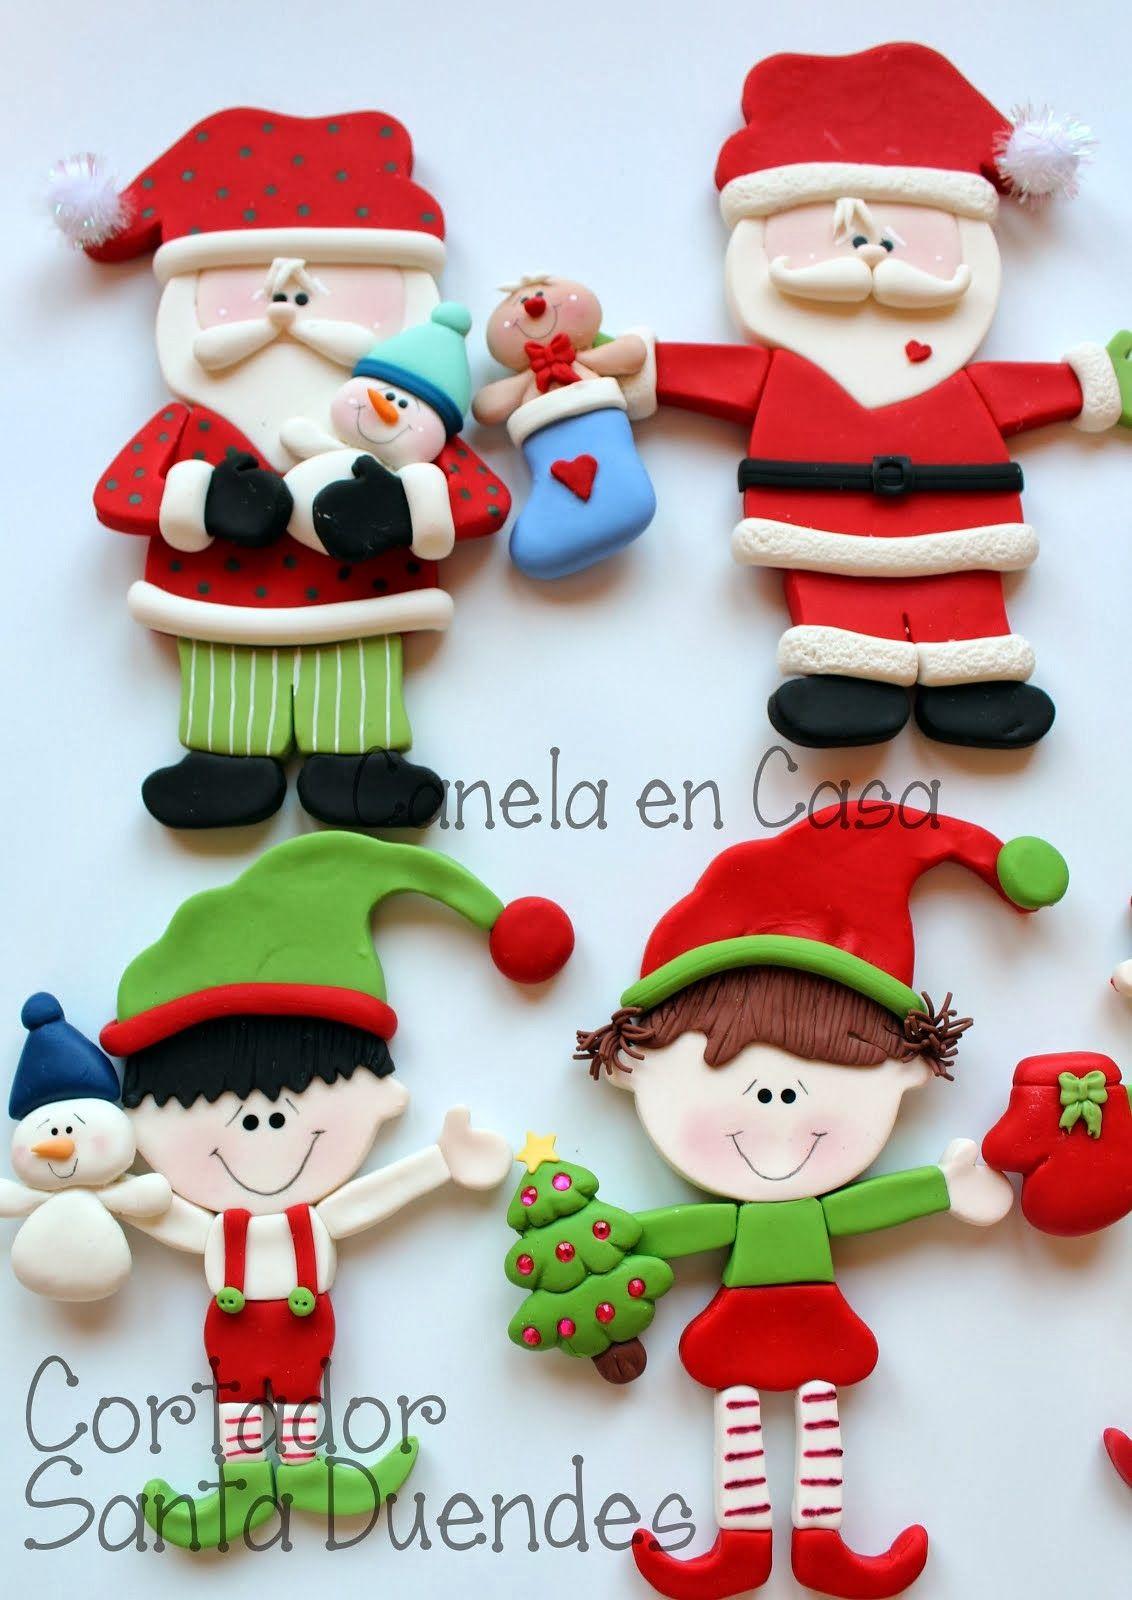 Canela En Casa Tartas Galletas Y Modelado De Navidad Arcilla De Navidad Navidad De Arcilla Polimérica Manualidades